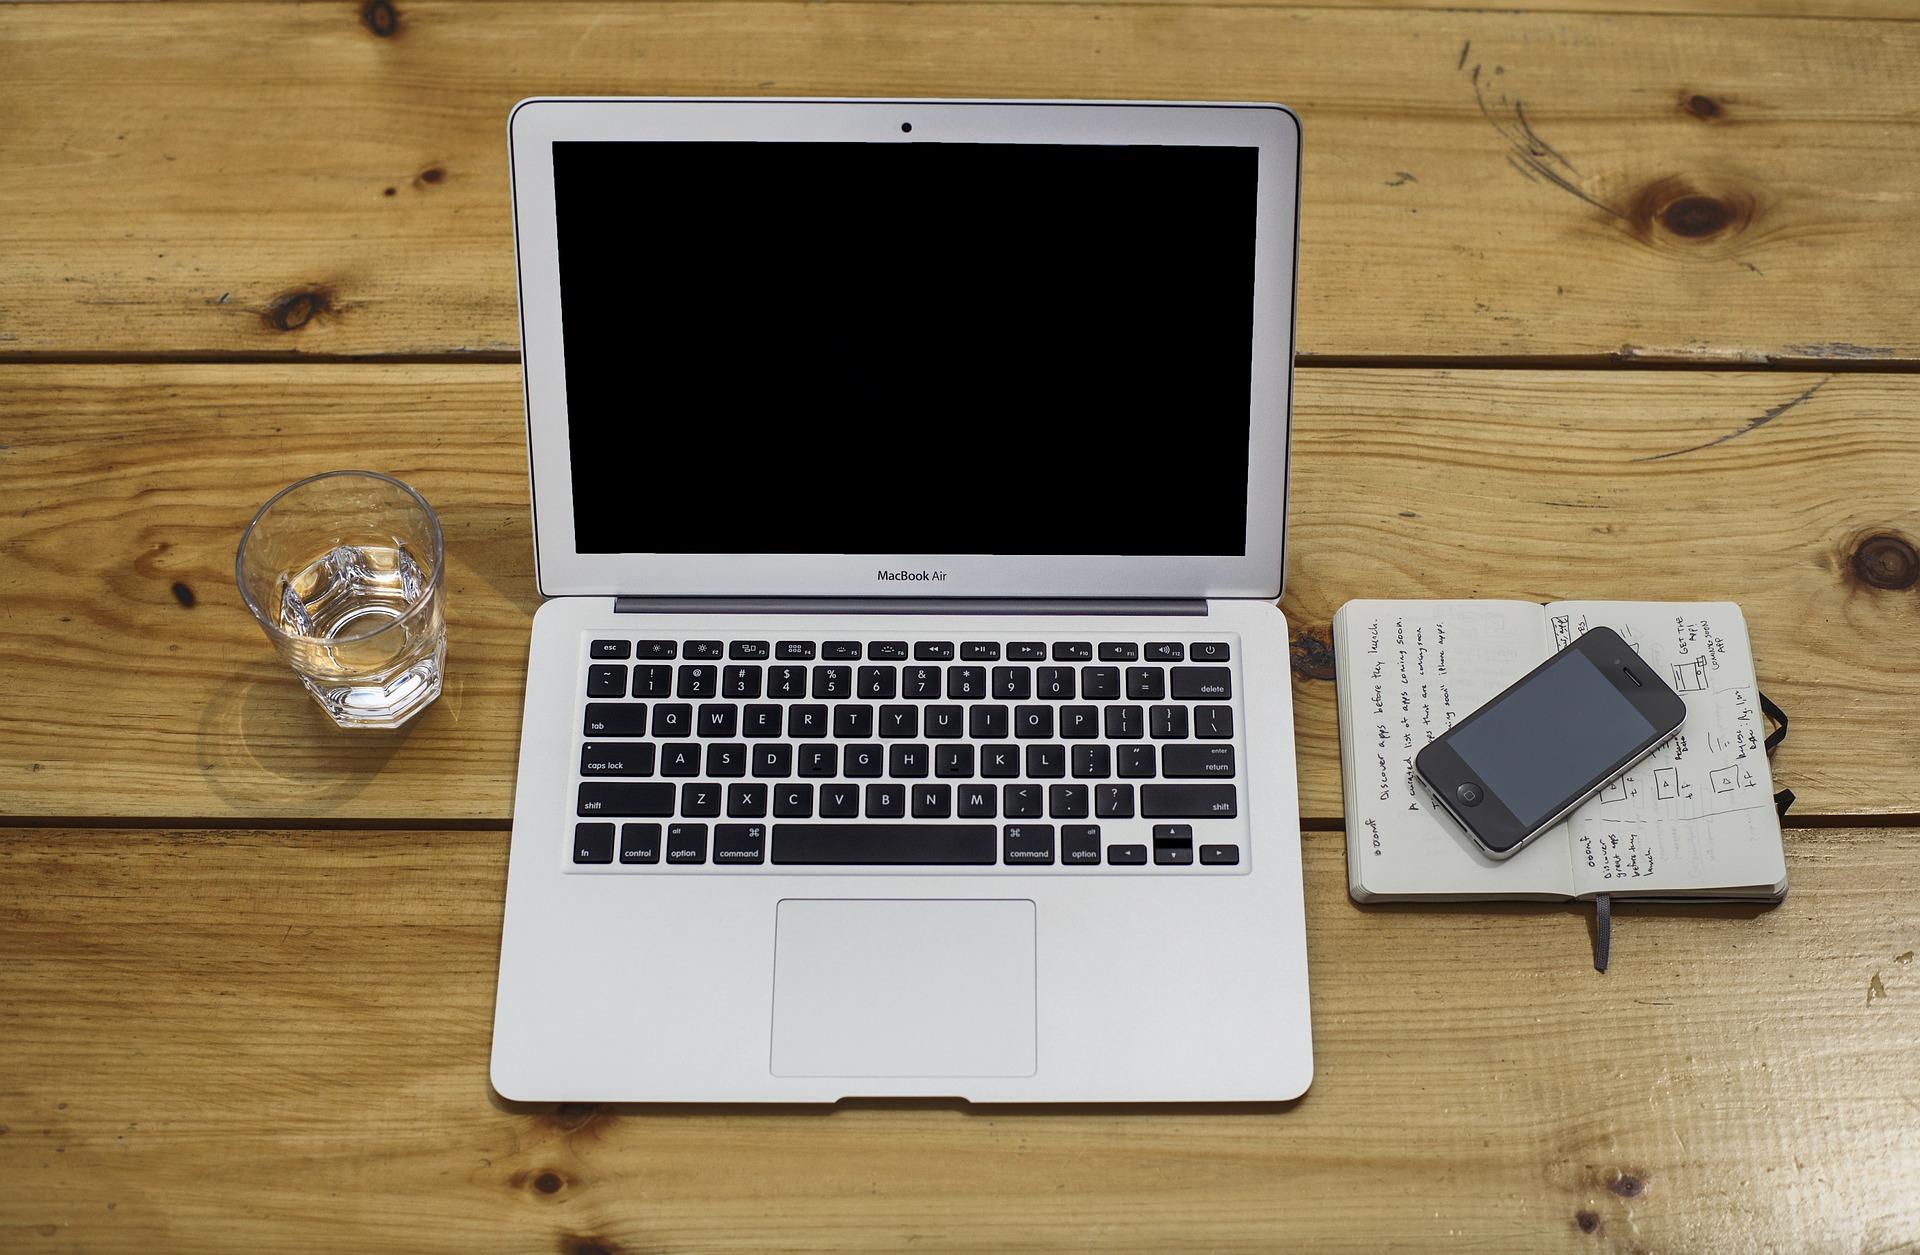 montaggio su smartphone: ci si butta anche Apple?